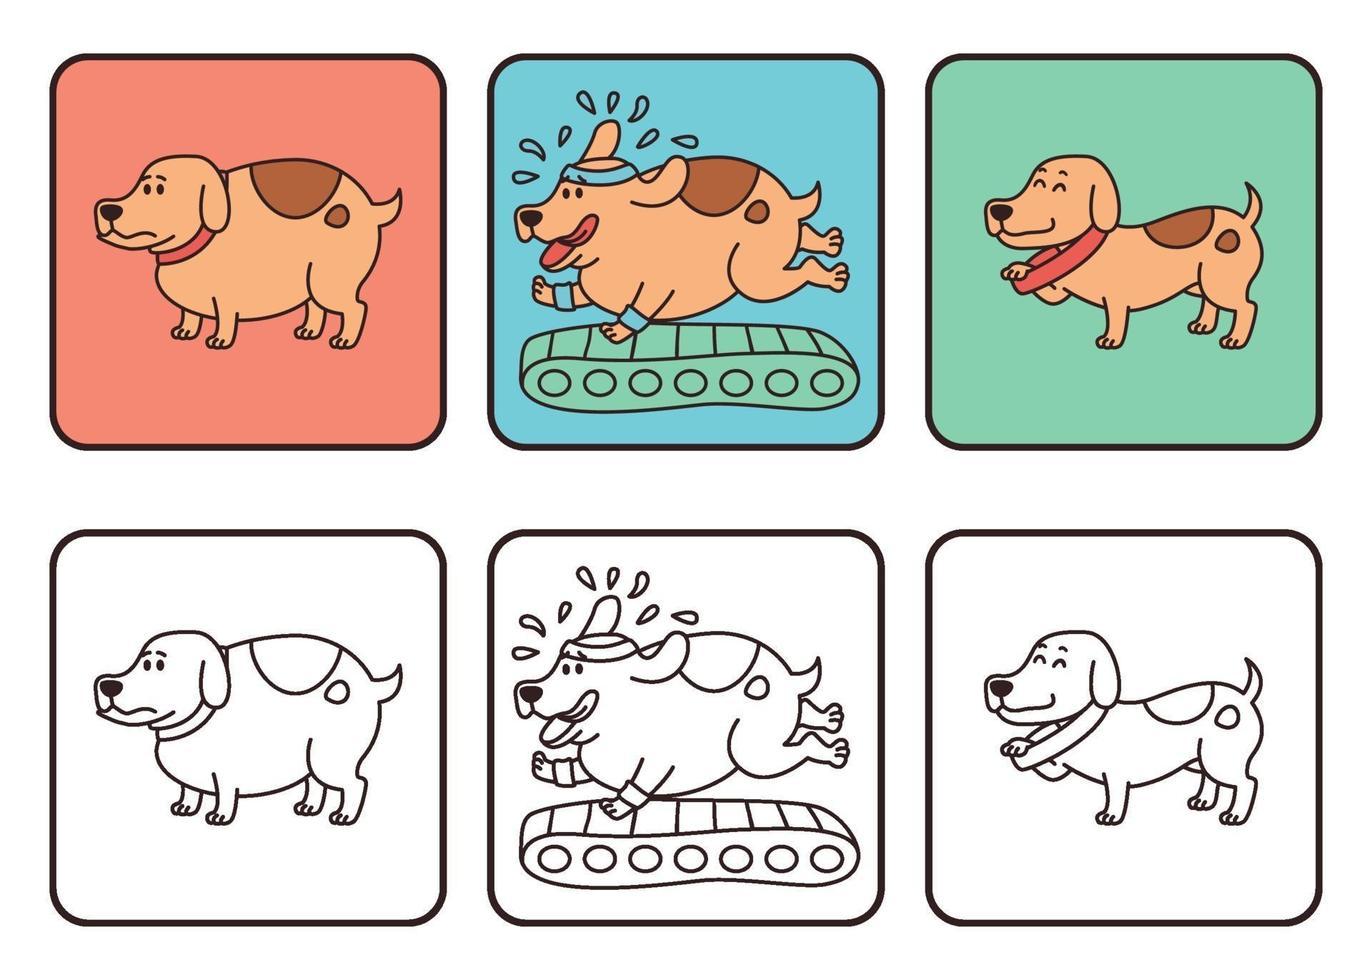 hund med normal vikt och övervikt, husdjur fetma ritning. det växande problemet med fetma hos hundar. körde på ett löpband, blev glad och smal. vektorillustration isolerad på vit bakgrund. vektor